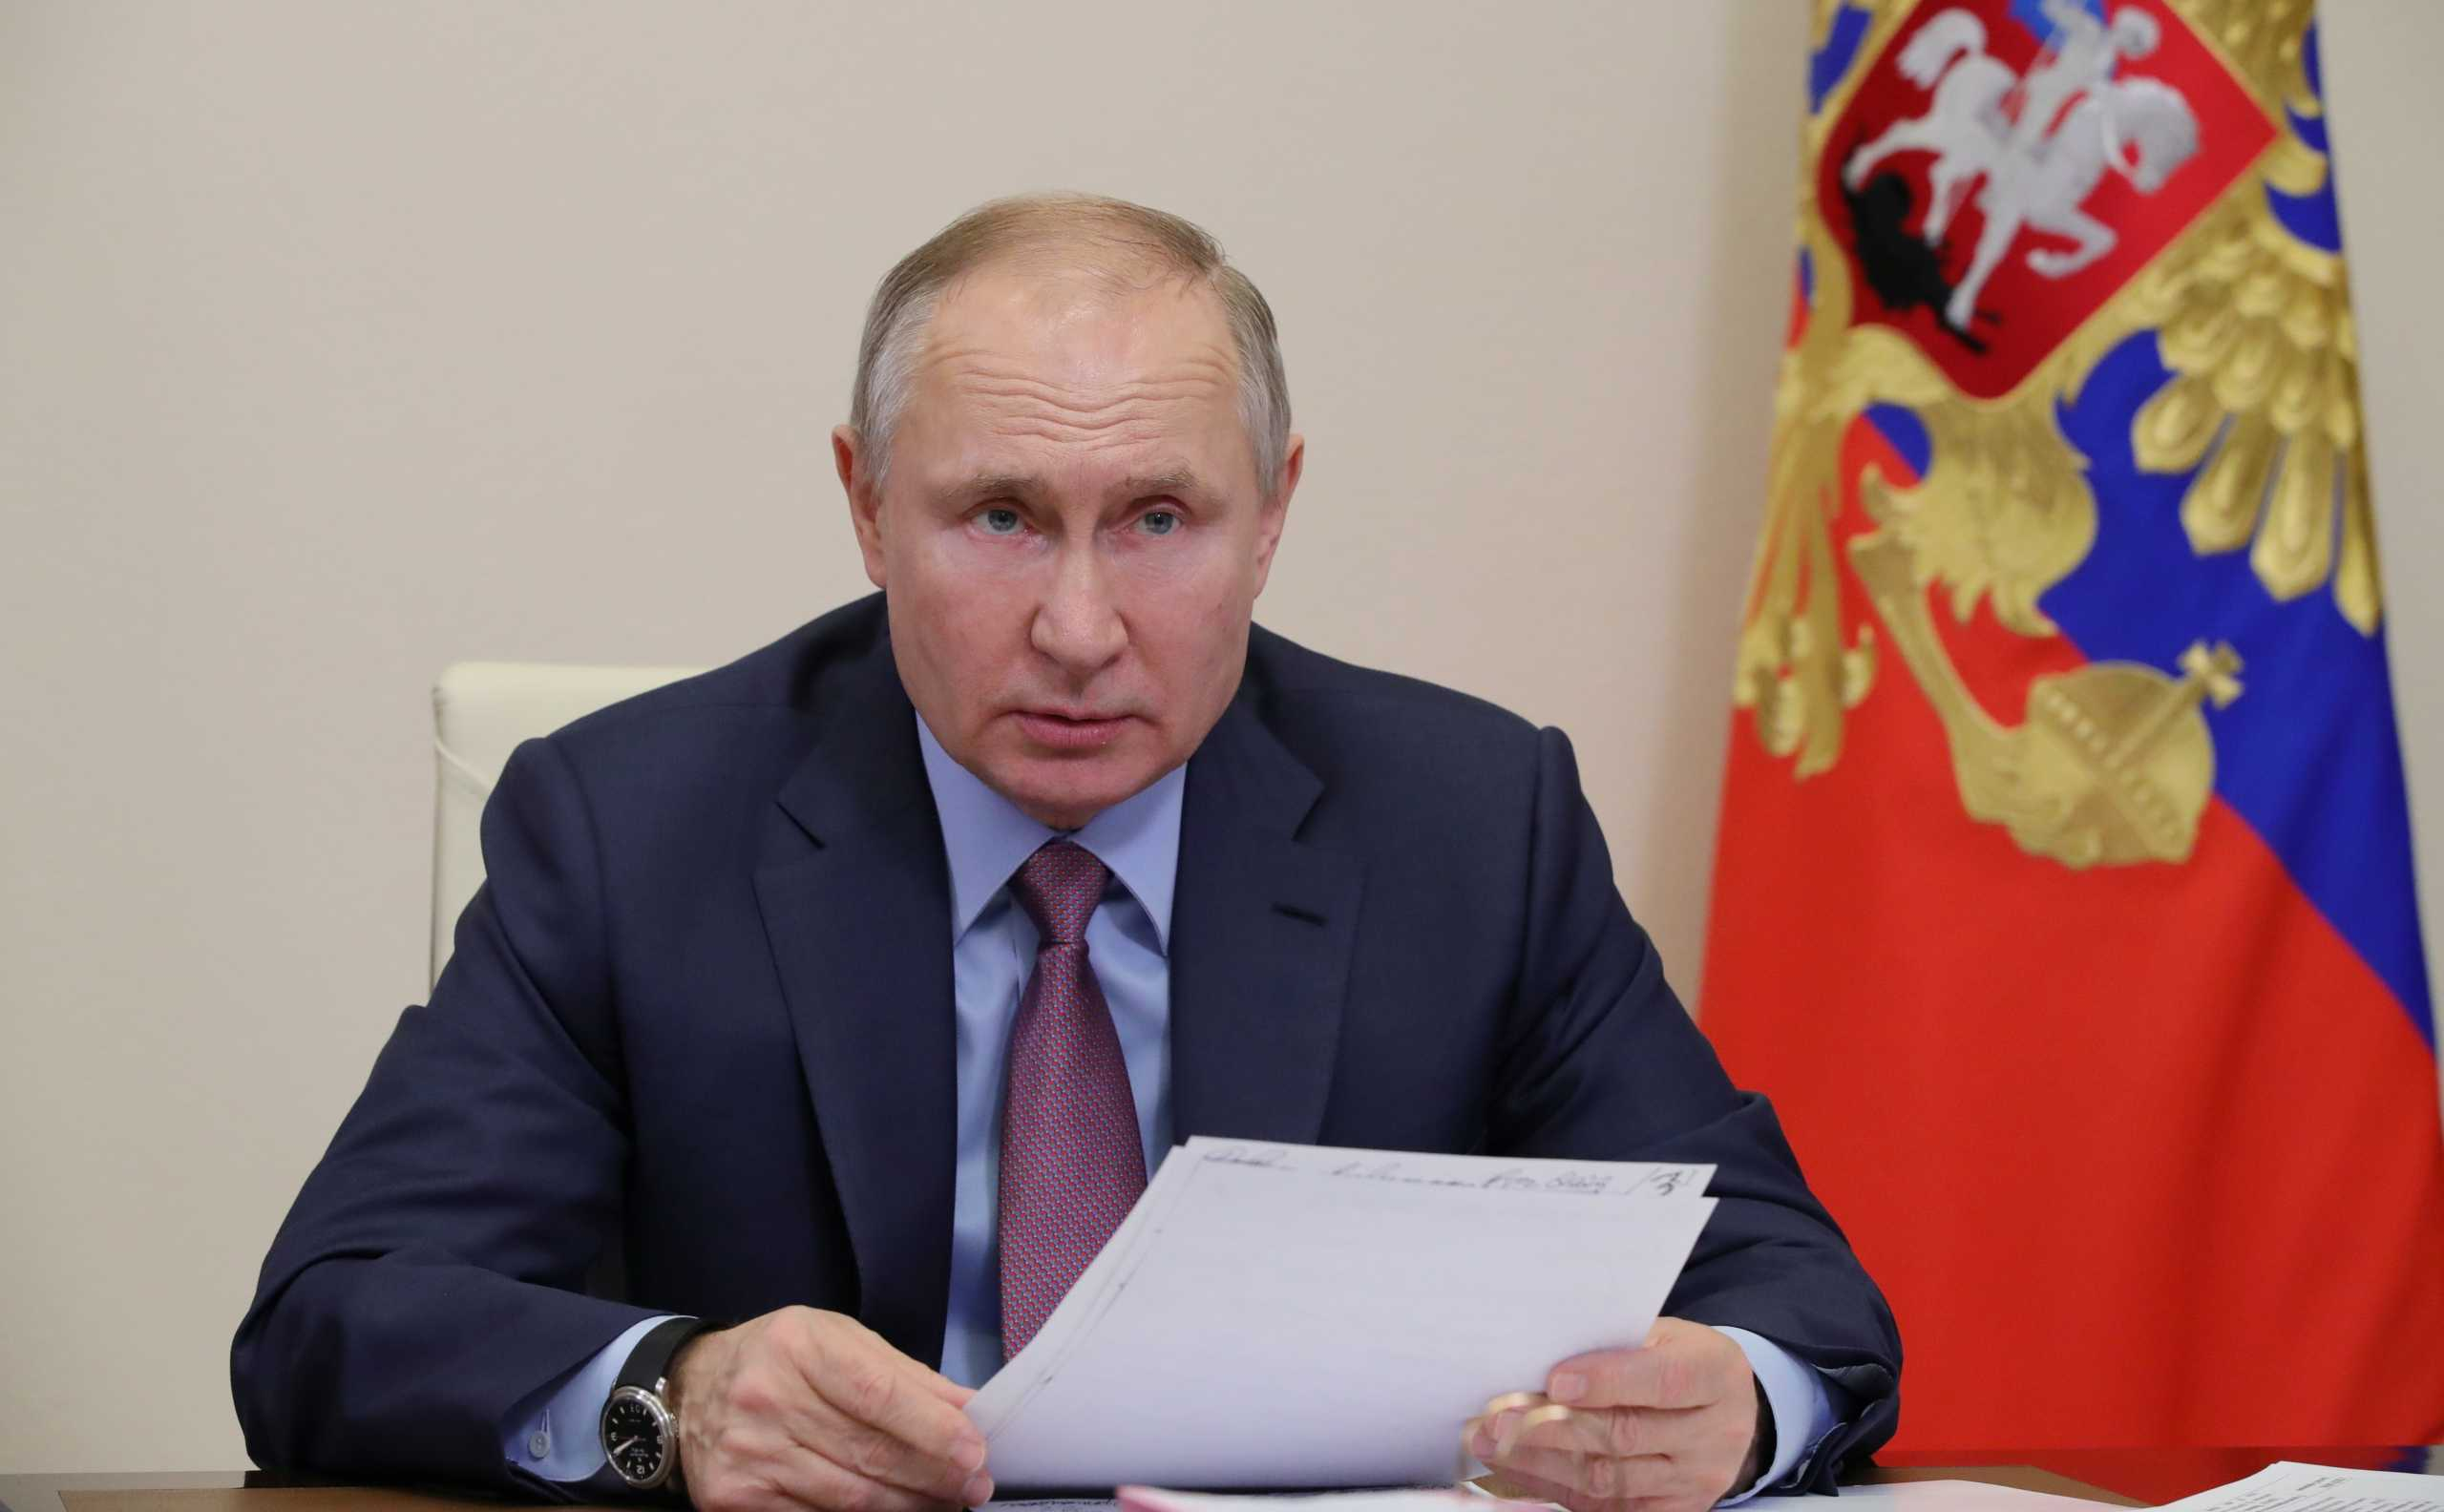 Εντολή Πούτιν να μελετηθεί η αποτελεσματικότητα των ρωσικών εμβολίων στις νέες μεταλλάξεις